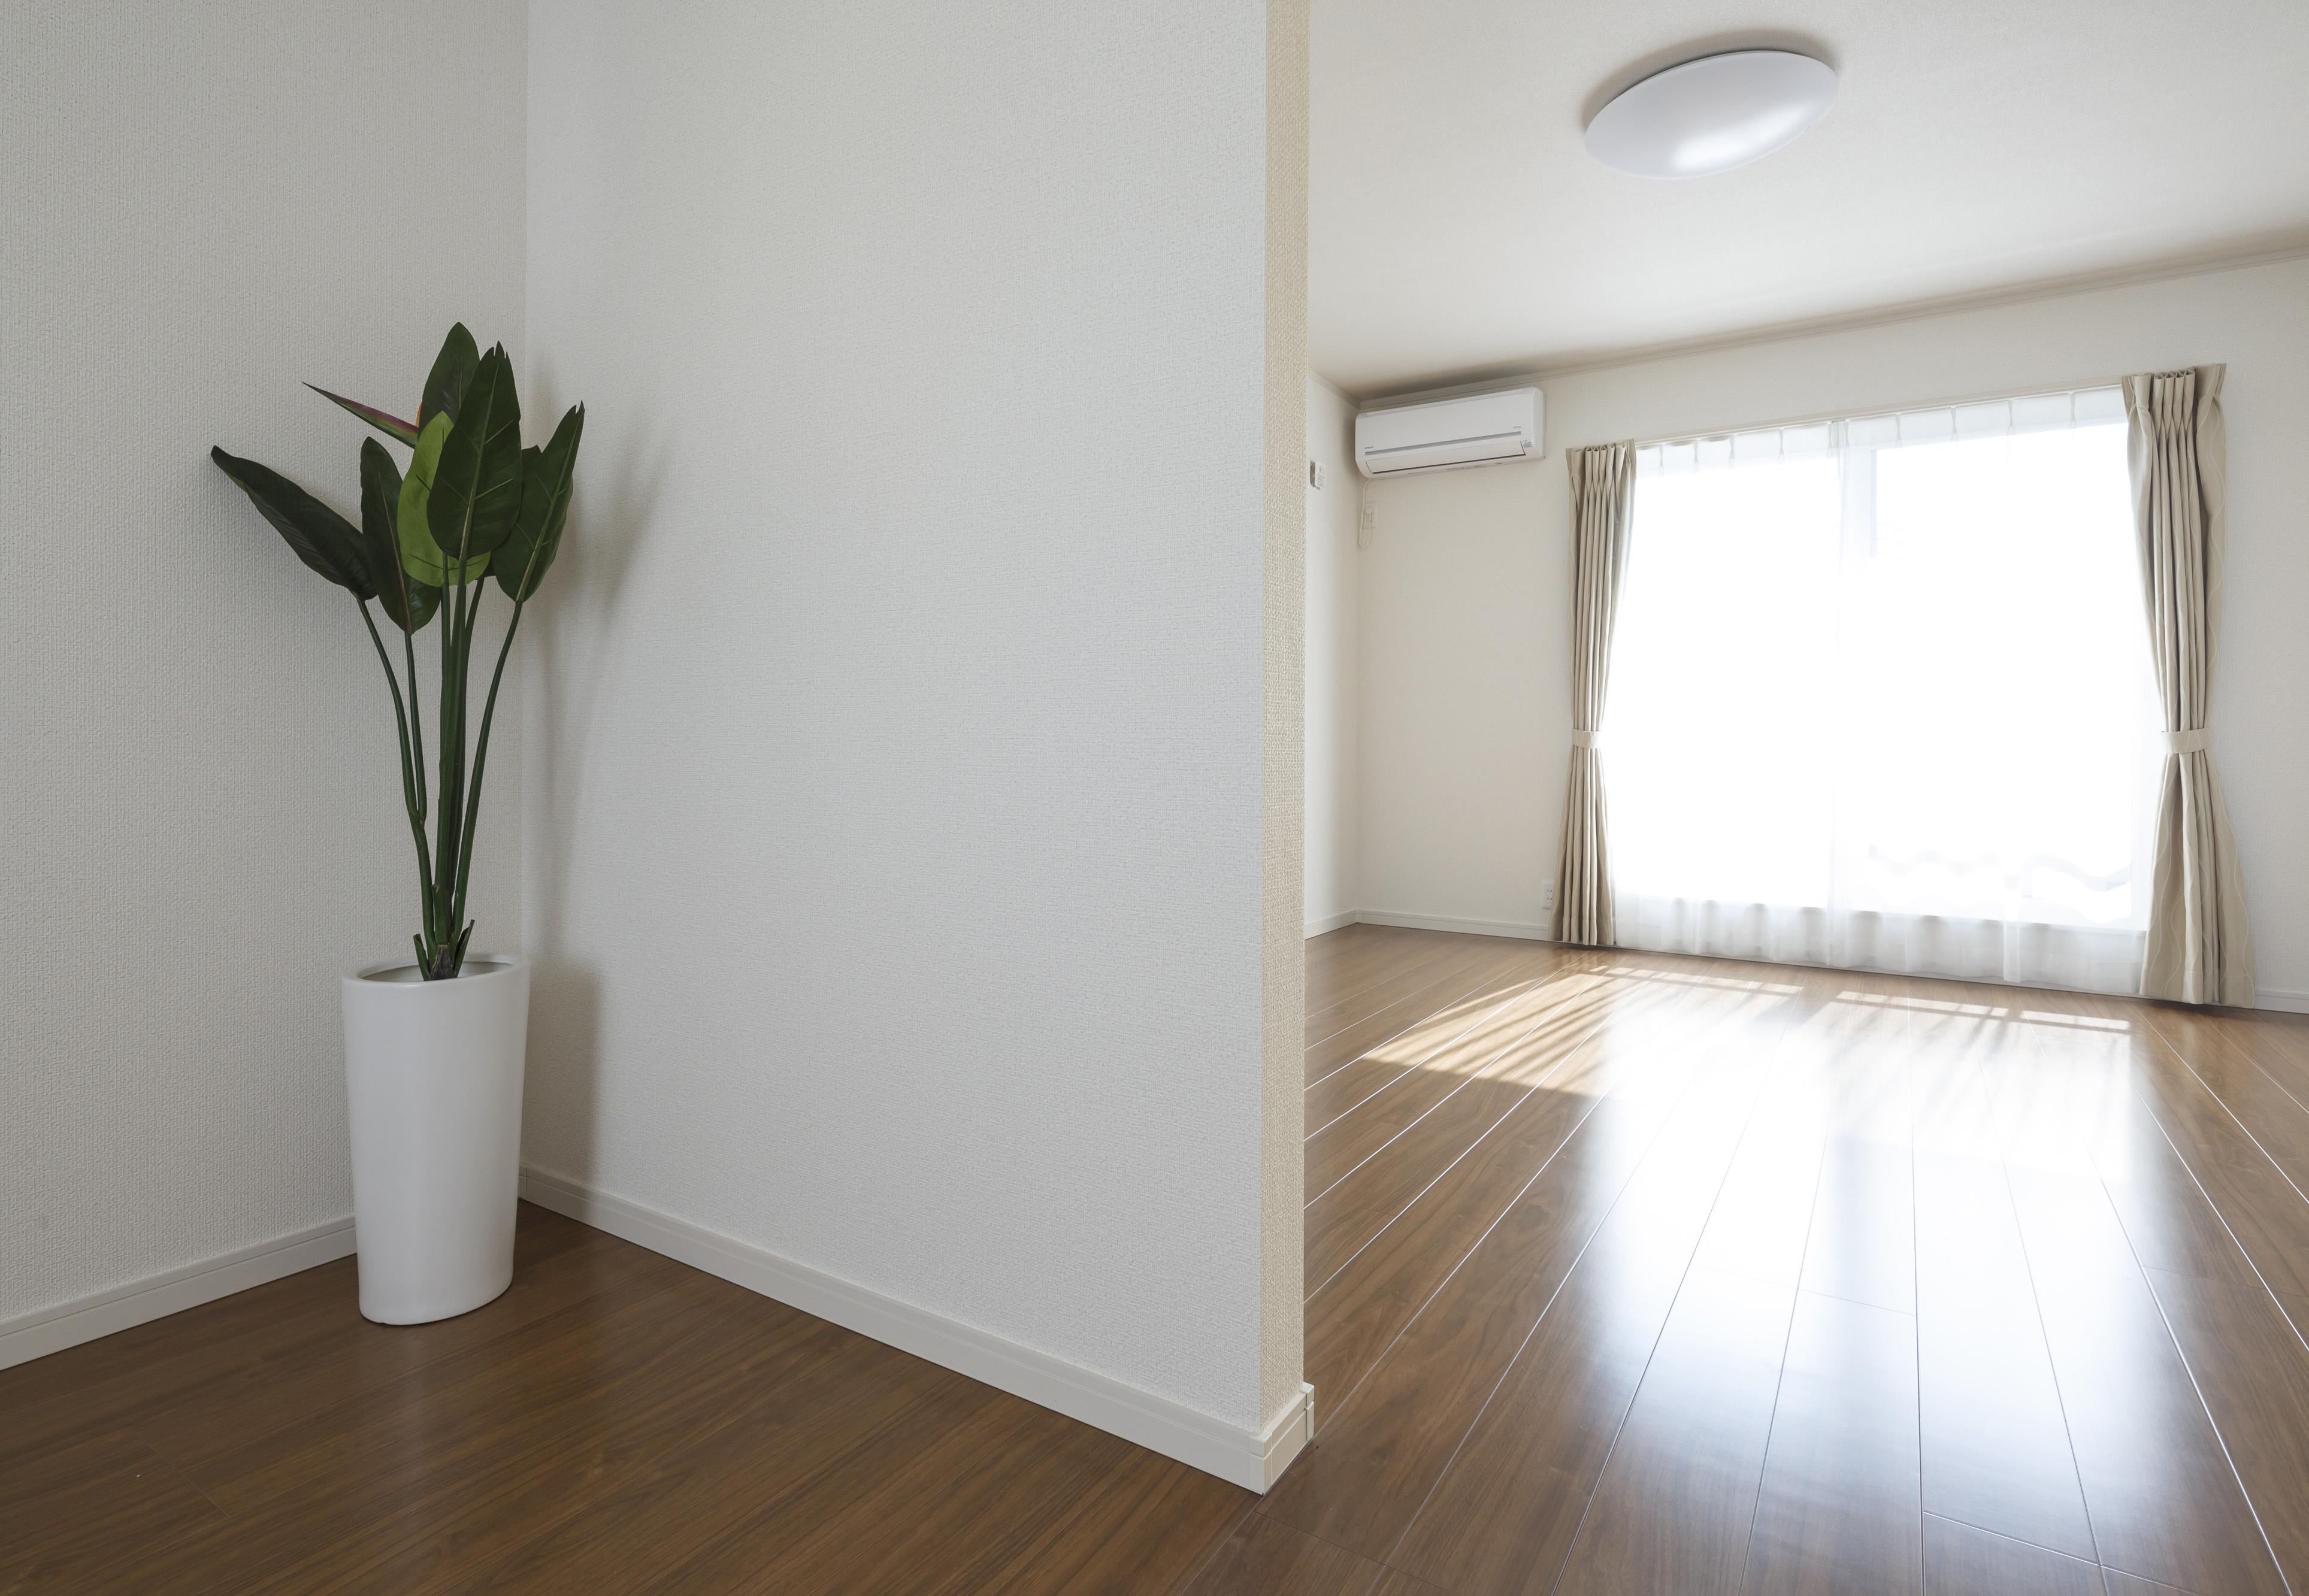 朝日住宅【収納力、省エネ、間取り】天井・床・壁・建具などにFFC免疫加工建材を使うのが『朝日住宅』の家づくりの特徴。素材に鉄ミネラルを浸透させ、化学物質の飛散を最小限に抑える最新技術で、空気を清浄にしたり、ダニ・カビの抑制など多彩な効果を期待できる